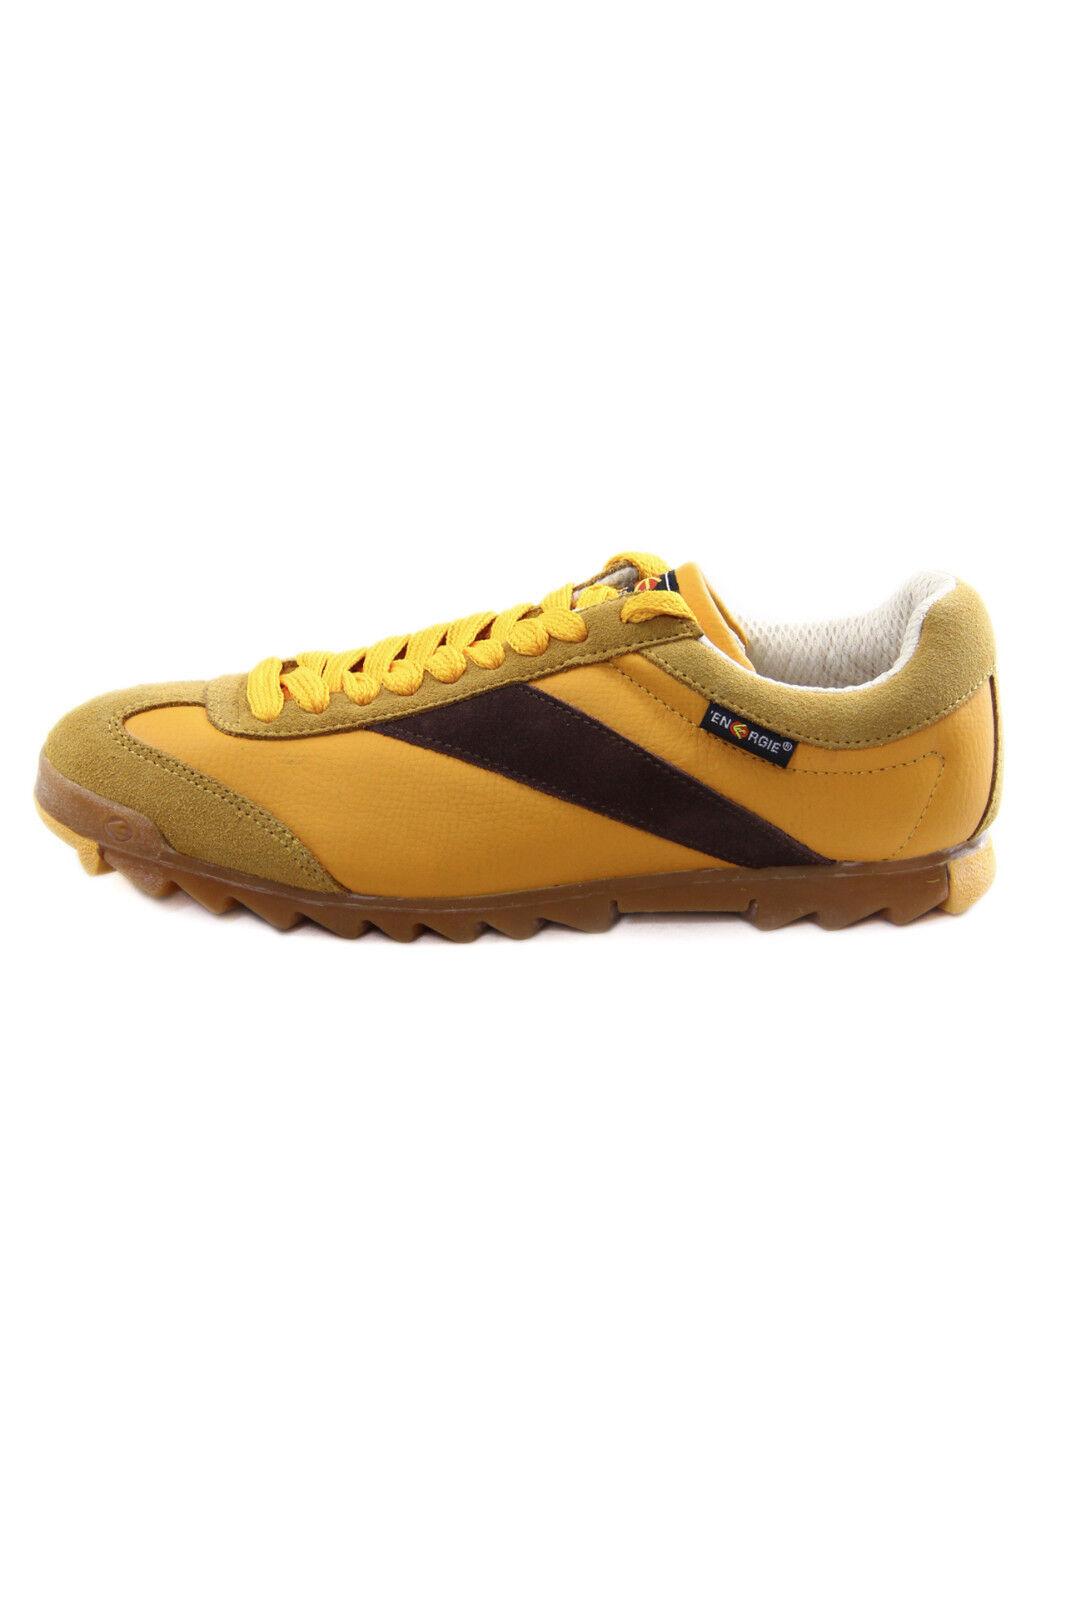 Energie Vintage Suede Sneakers Boyd Zucca and Fieno | Pratique Pratique Pratique Et économique  368bff